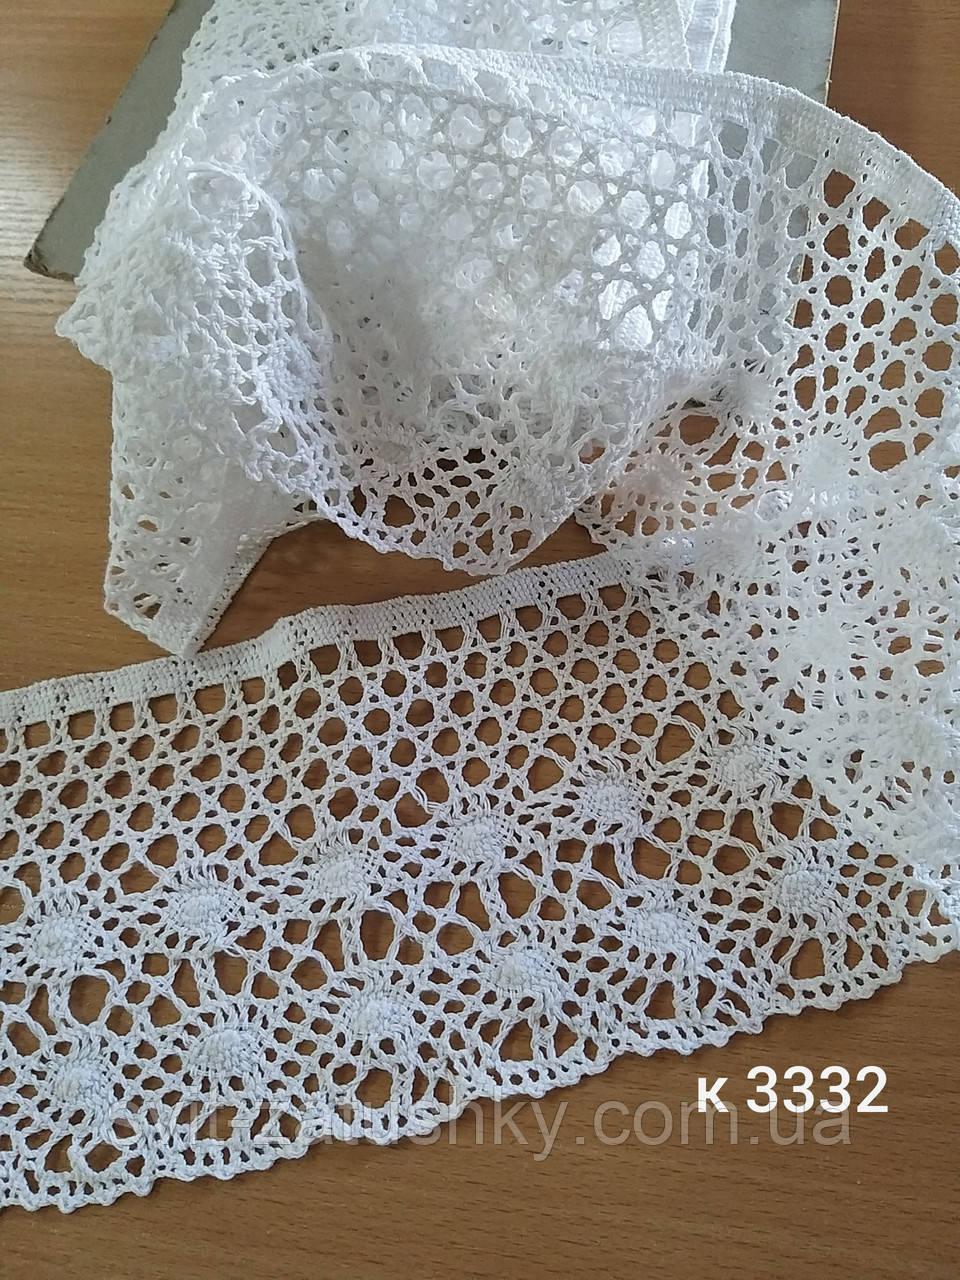 Біле Мереживо ширина 12.5 см /біле Мереживо ширина 12.5 см